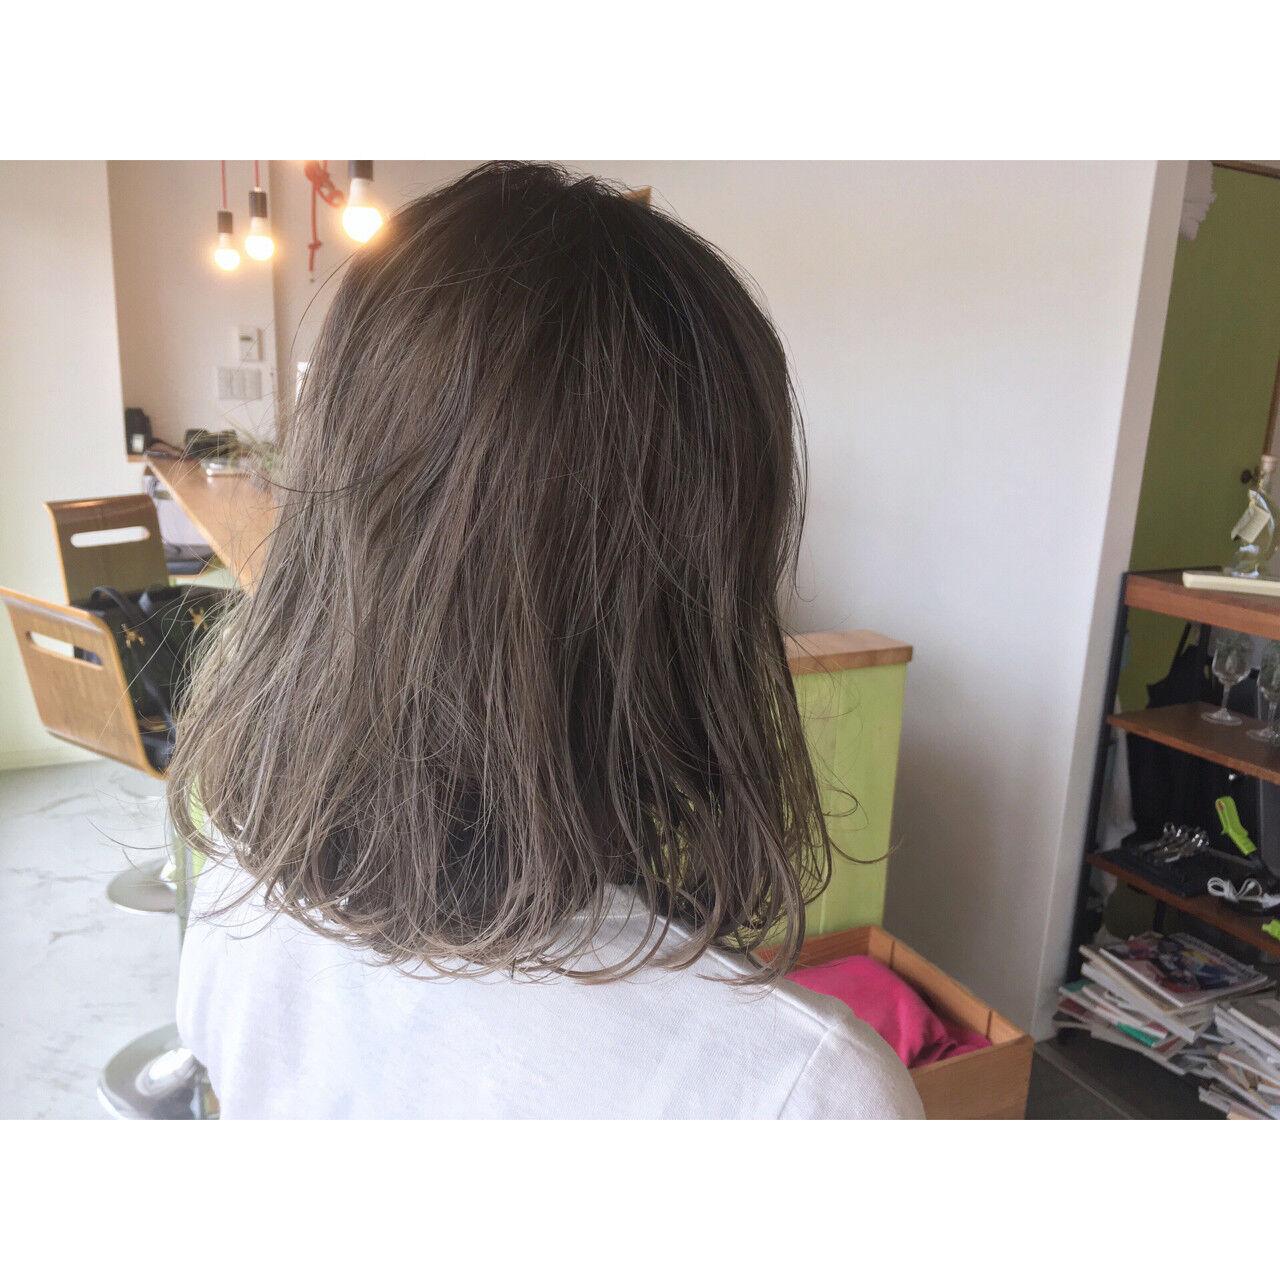 透明感 オフィス ウェーブ アンニュイヘアスタイルや髪型の写真・画像